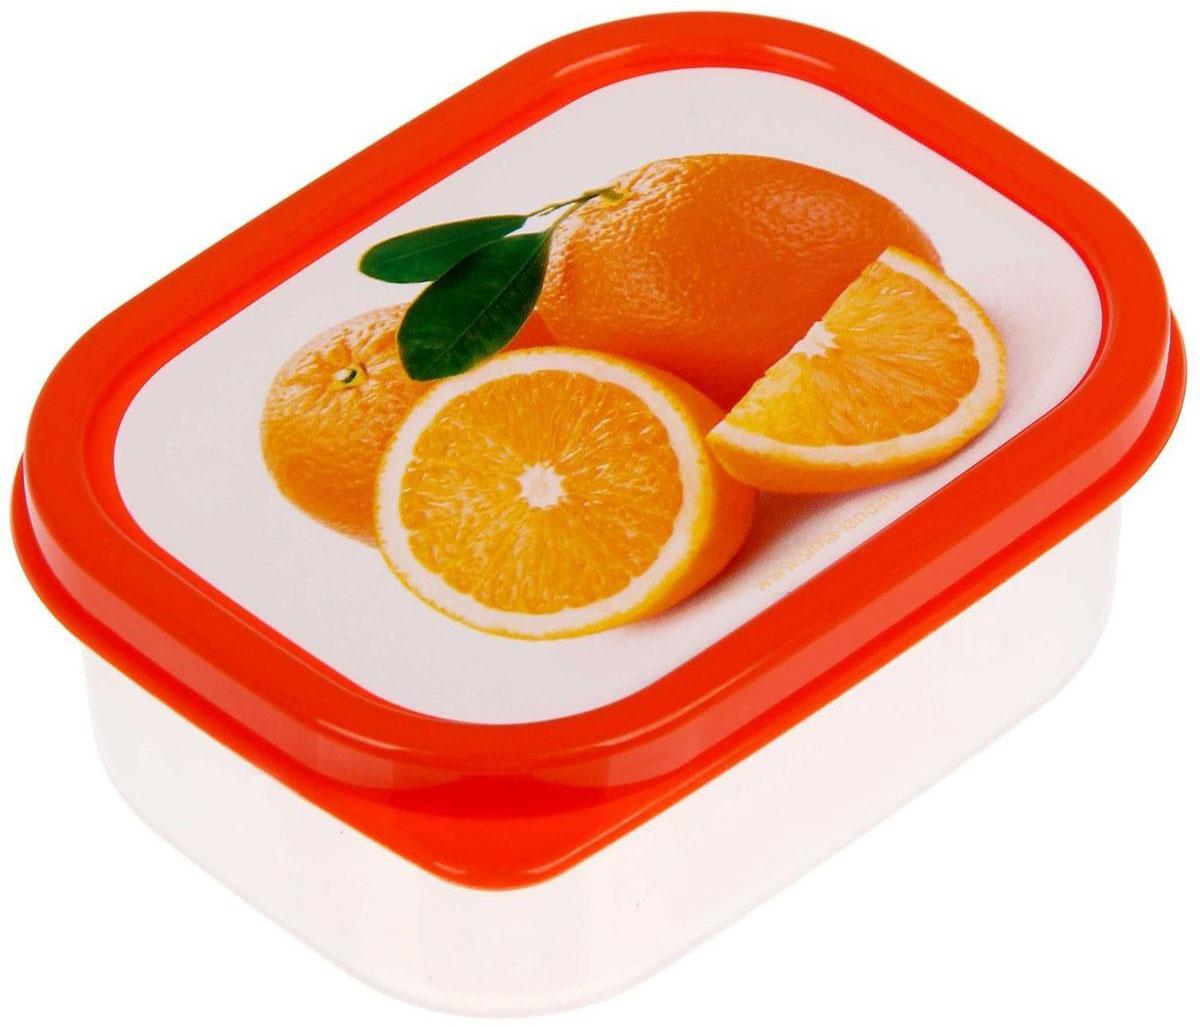 Ланч-бокс Доляна Апельсины, прямоугольный, 150 мл1333967Ланч-бокс Доляна изготовлен из прочного пищевого пластика. В комплекте прилагается крышка подходящего размера, которая плотно и надежно закрывается и упрощает процесс транспортировки. Такой контейнер является незаменимым предметом кухонной утвари, ведь у него много преимуществ: Простота ухода. Ланч-бокс достаточно промыть теплой водой с небольшим количеством чистящего средства. Вместительность. Изделие позволяет разместить разнообразные продукты от сахара до супов. Эргономичность. Ланч-боксы очень легко хранить даже в самой маленькой кухне, так как их можно поставить один в другой по принципу матрешки. Многофункциональность. Он пригодится, если после вкусного обеда осталась еда, а насладиться трапезой хочется и на следующий день. Можно использовать не только на кухне, но и для хранения различных бытовых предметов, а также брать с собой еду на работу или учебу. Не использовать пластиковые контейнеры в духовых шкафах и на открытом огне, а также не разогревать в микроволновых печах при закрытой крышке ланч-бокса.